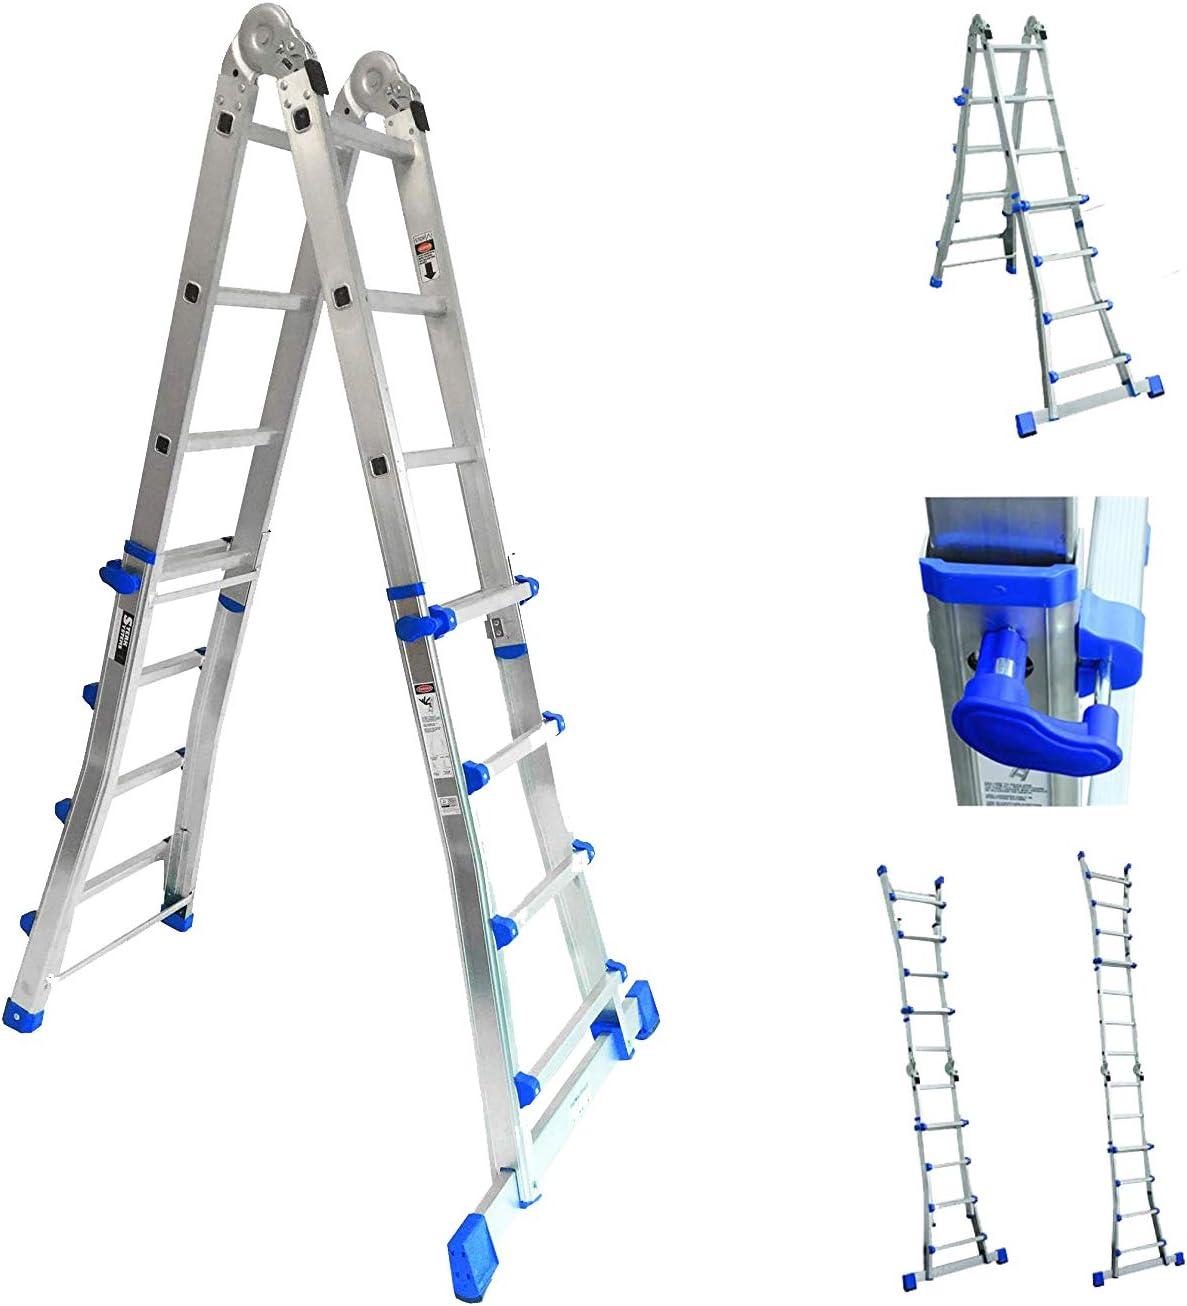 Sistema telescópico multifuncional de escalera de mano con 4 x 4 peldaños.: Amazon.es: Electrónica